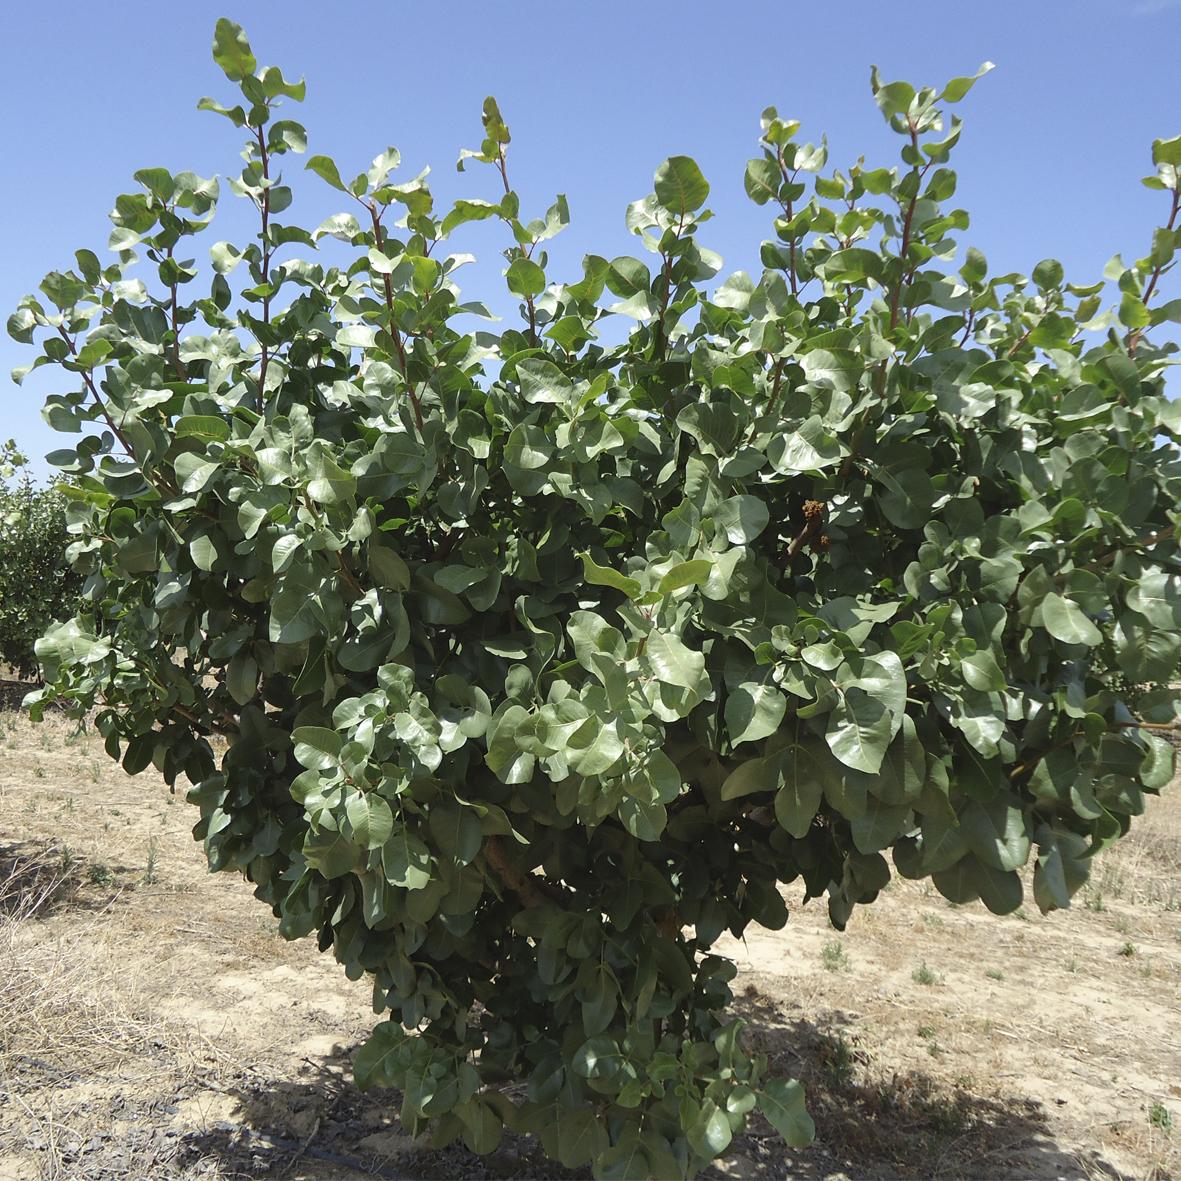 Rboles frutales pistachos y olivos viveros provedo for Viveros de arboles frutales en chihuahua